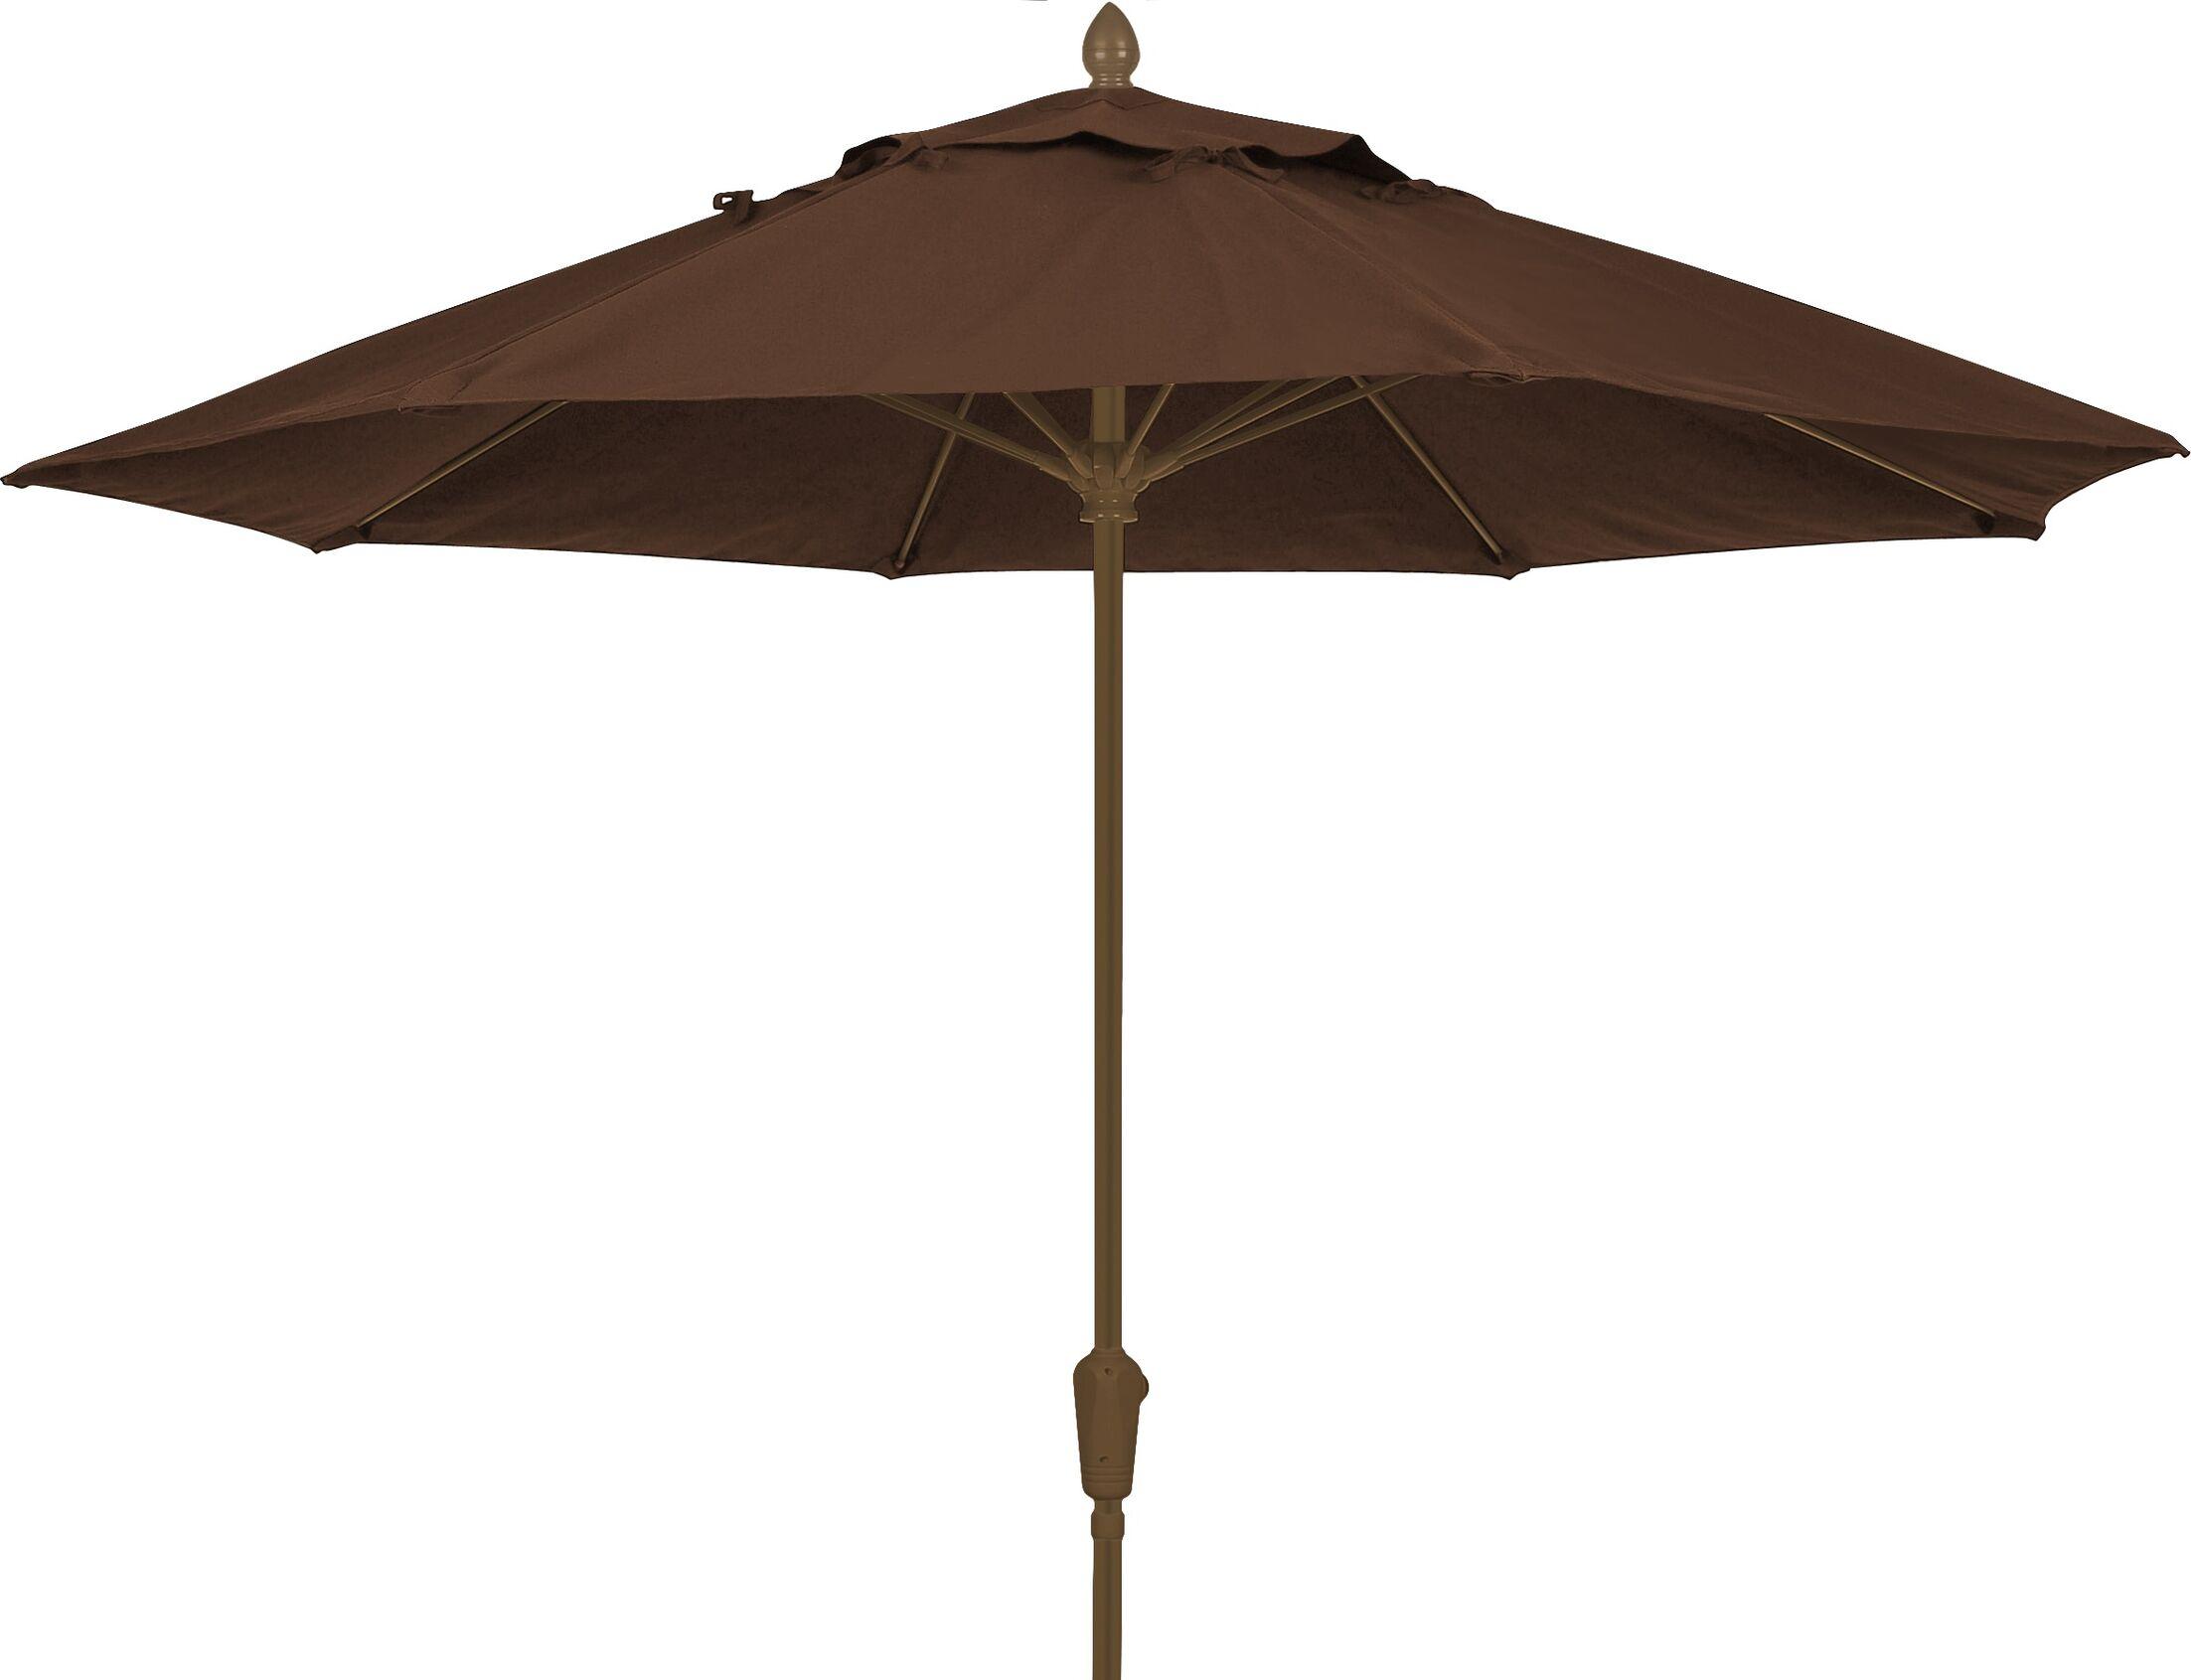 Prestige 9' Market Umbrella Frame Finish: White, Fabric: True Brown